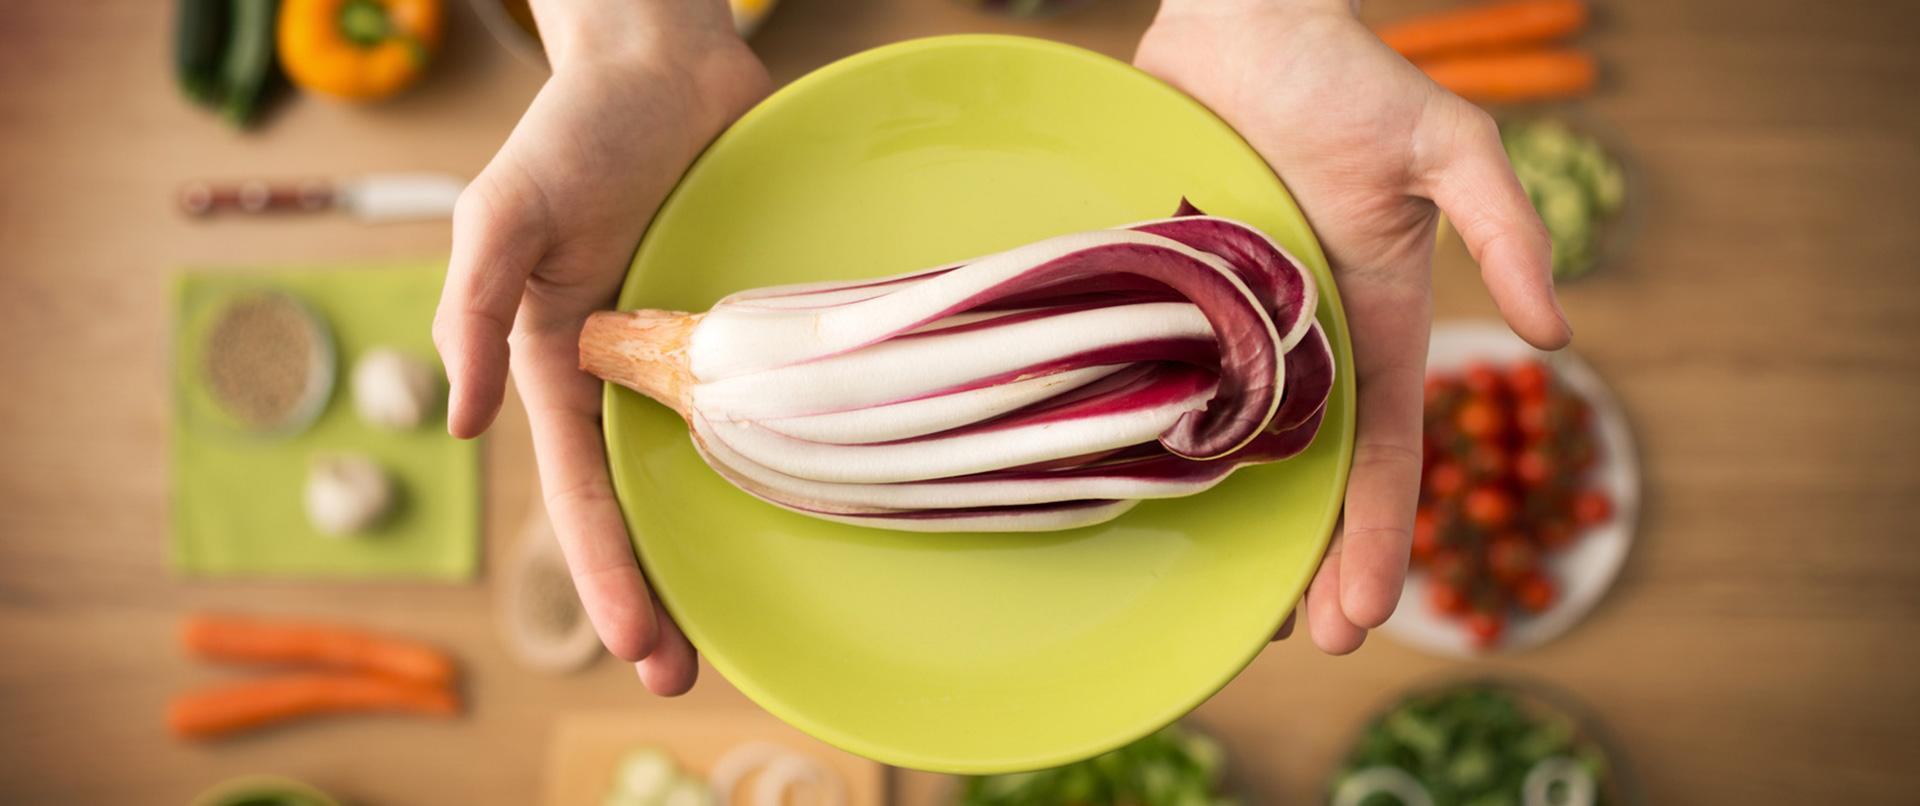 Gemüse besitzt viele Ballaststoffe.